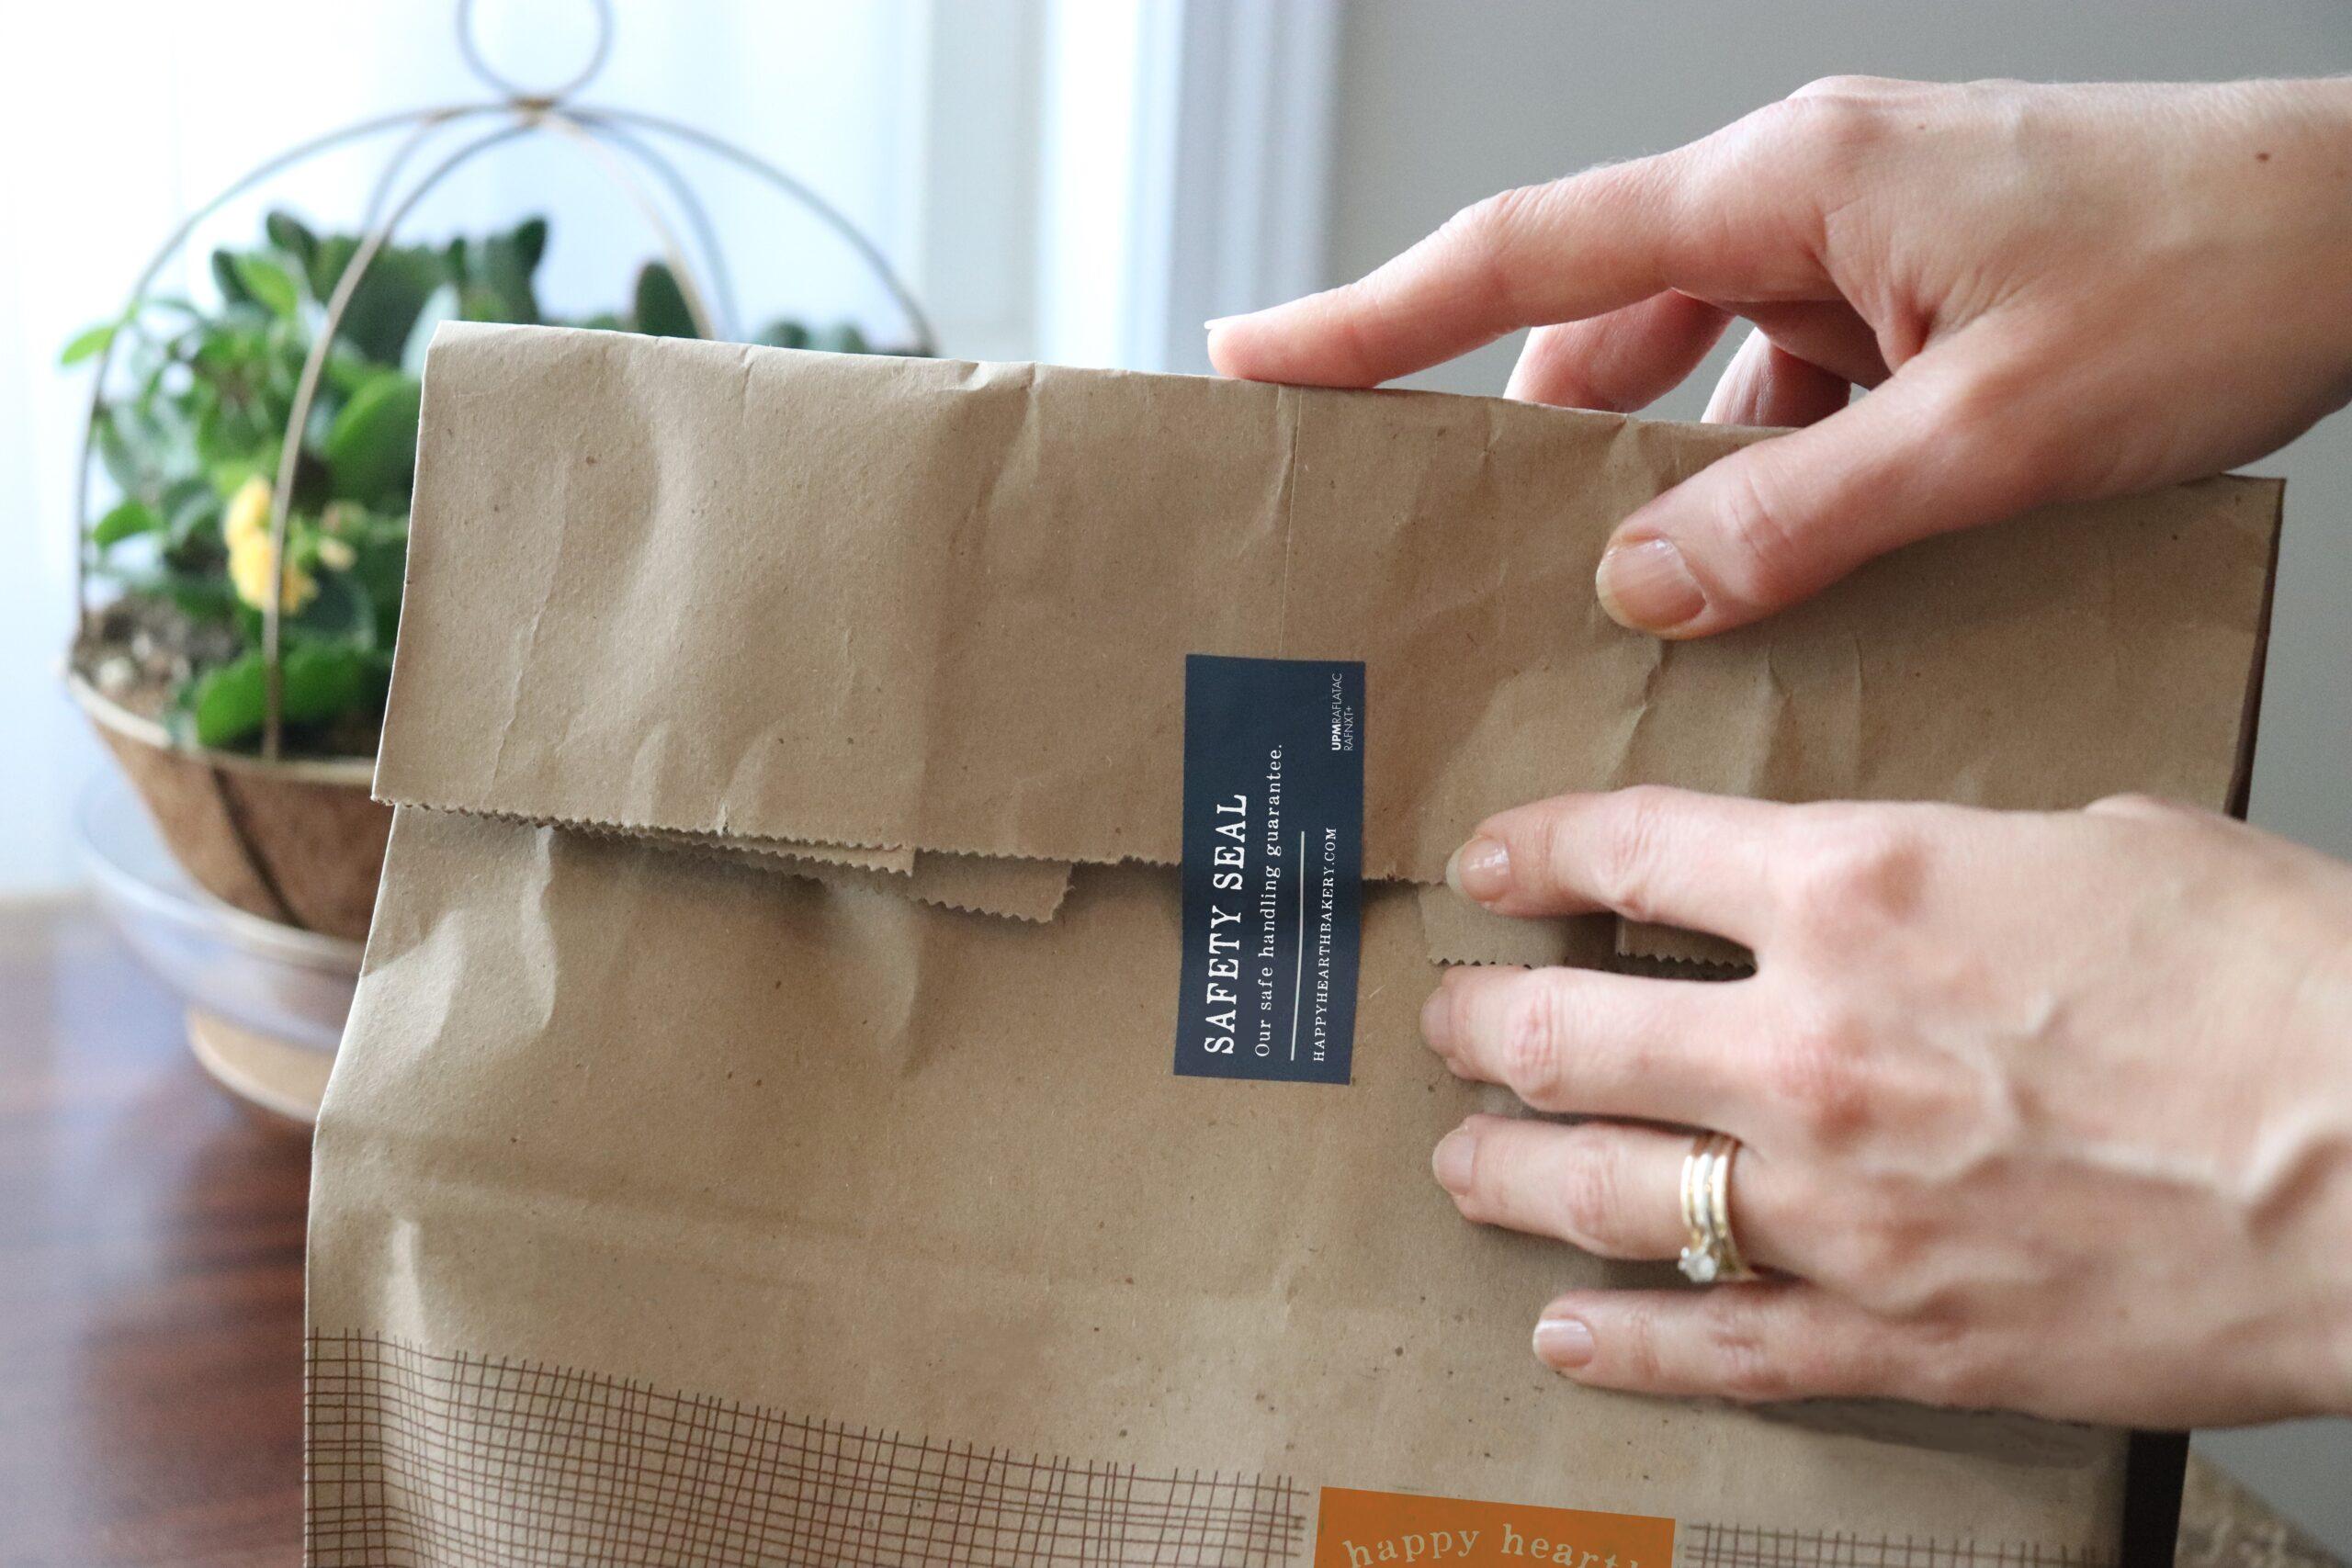 tamper-evident label on paper bag